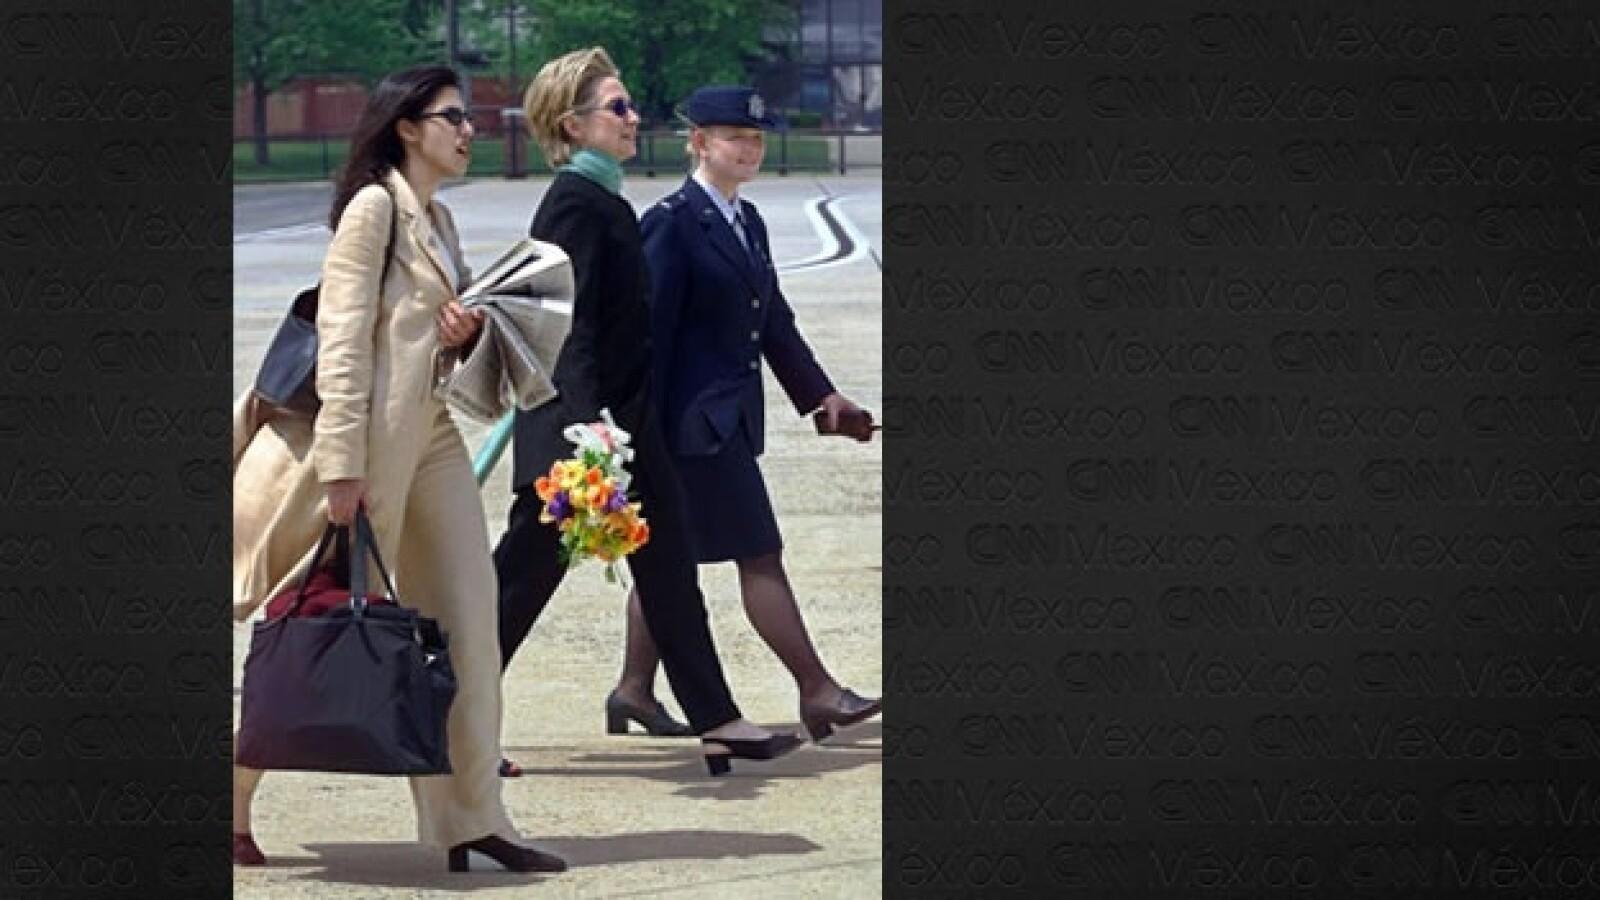 Huma Abedin - Hillary Clinton - Base Andrews 2000